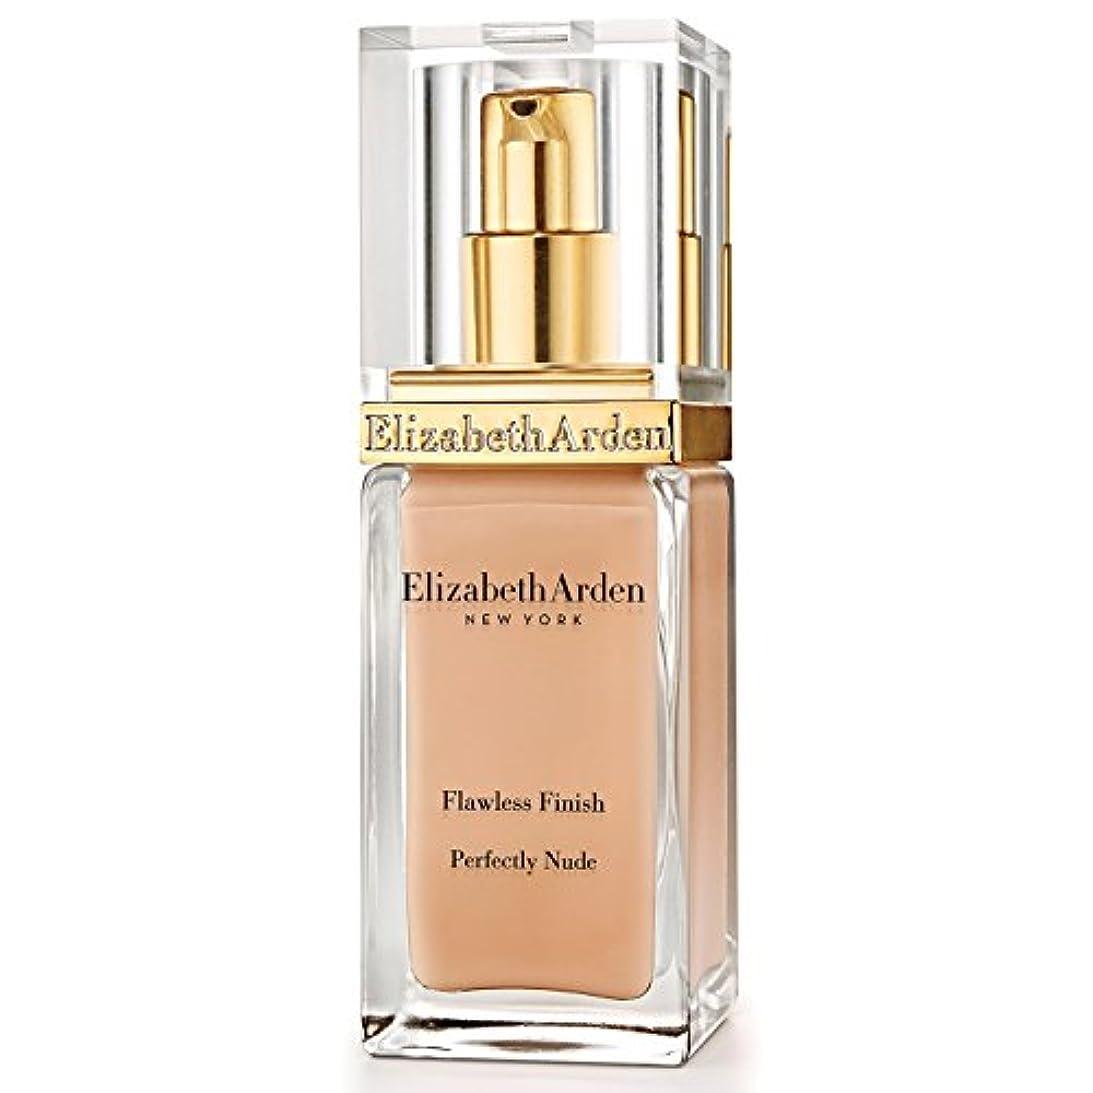 離れて不安定敷居Elizabeth Arden Flawless Finish Perfectly Nude Foundation SPF 15 Honey Beige - エリザベスは、完璧な仕上がり完璧ヌードファンデーション 15ハニーベージュ...